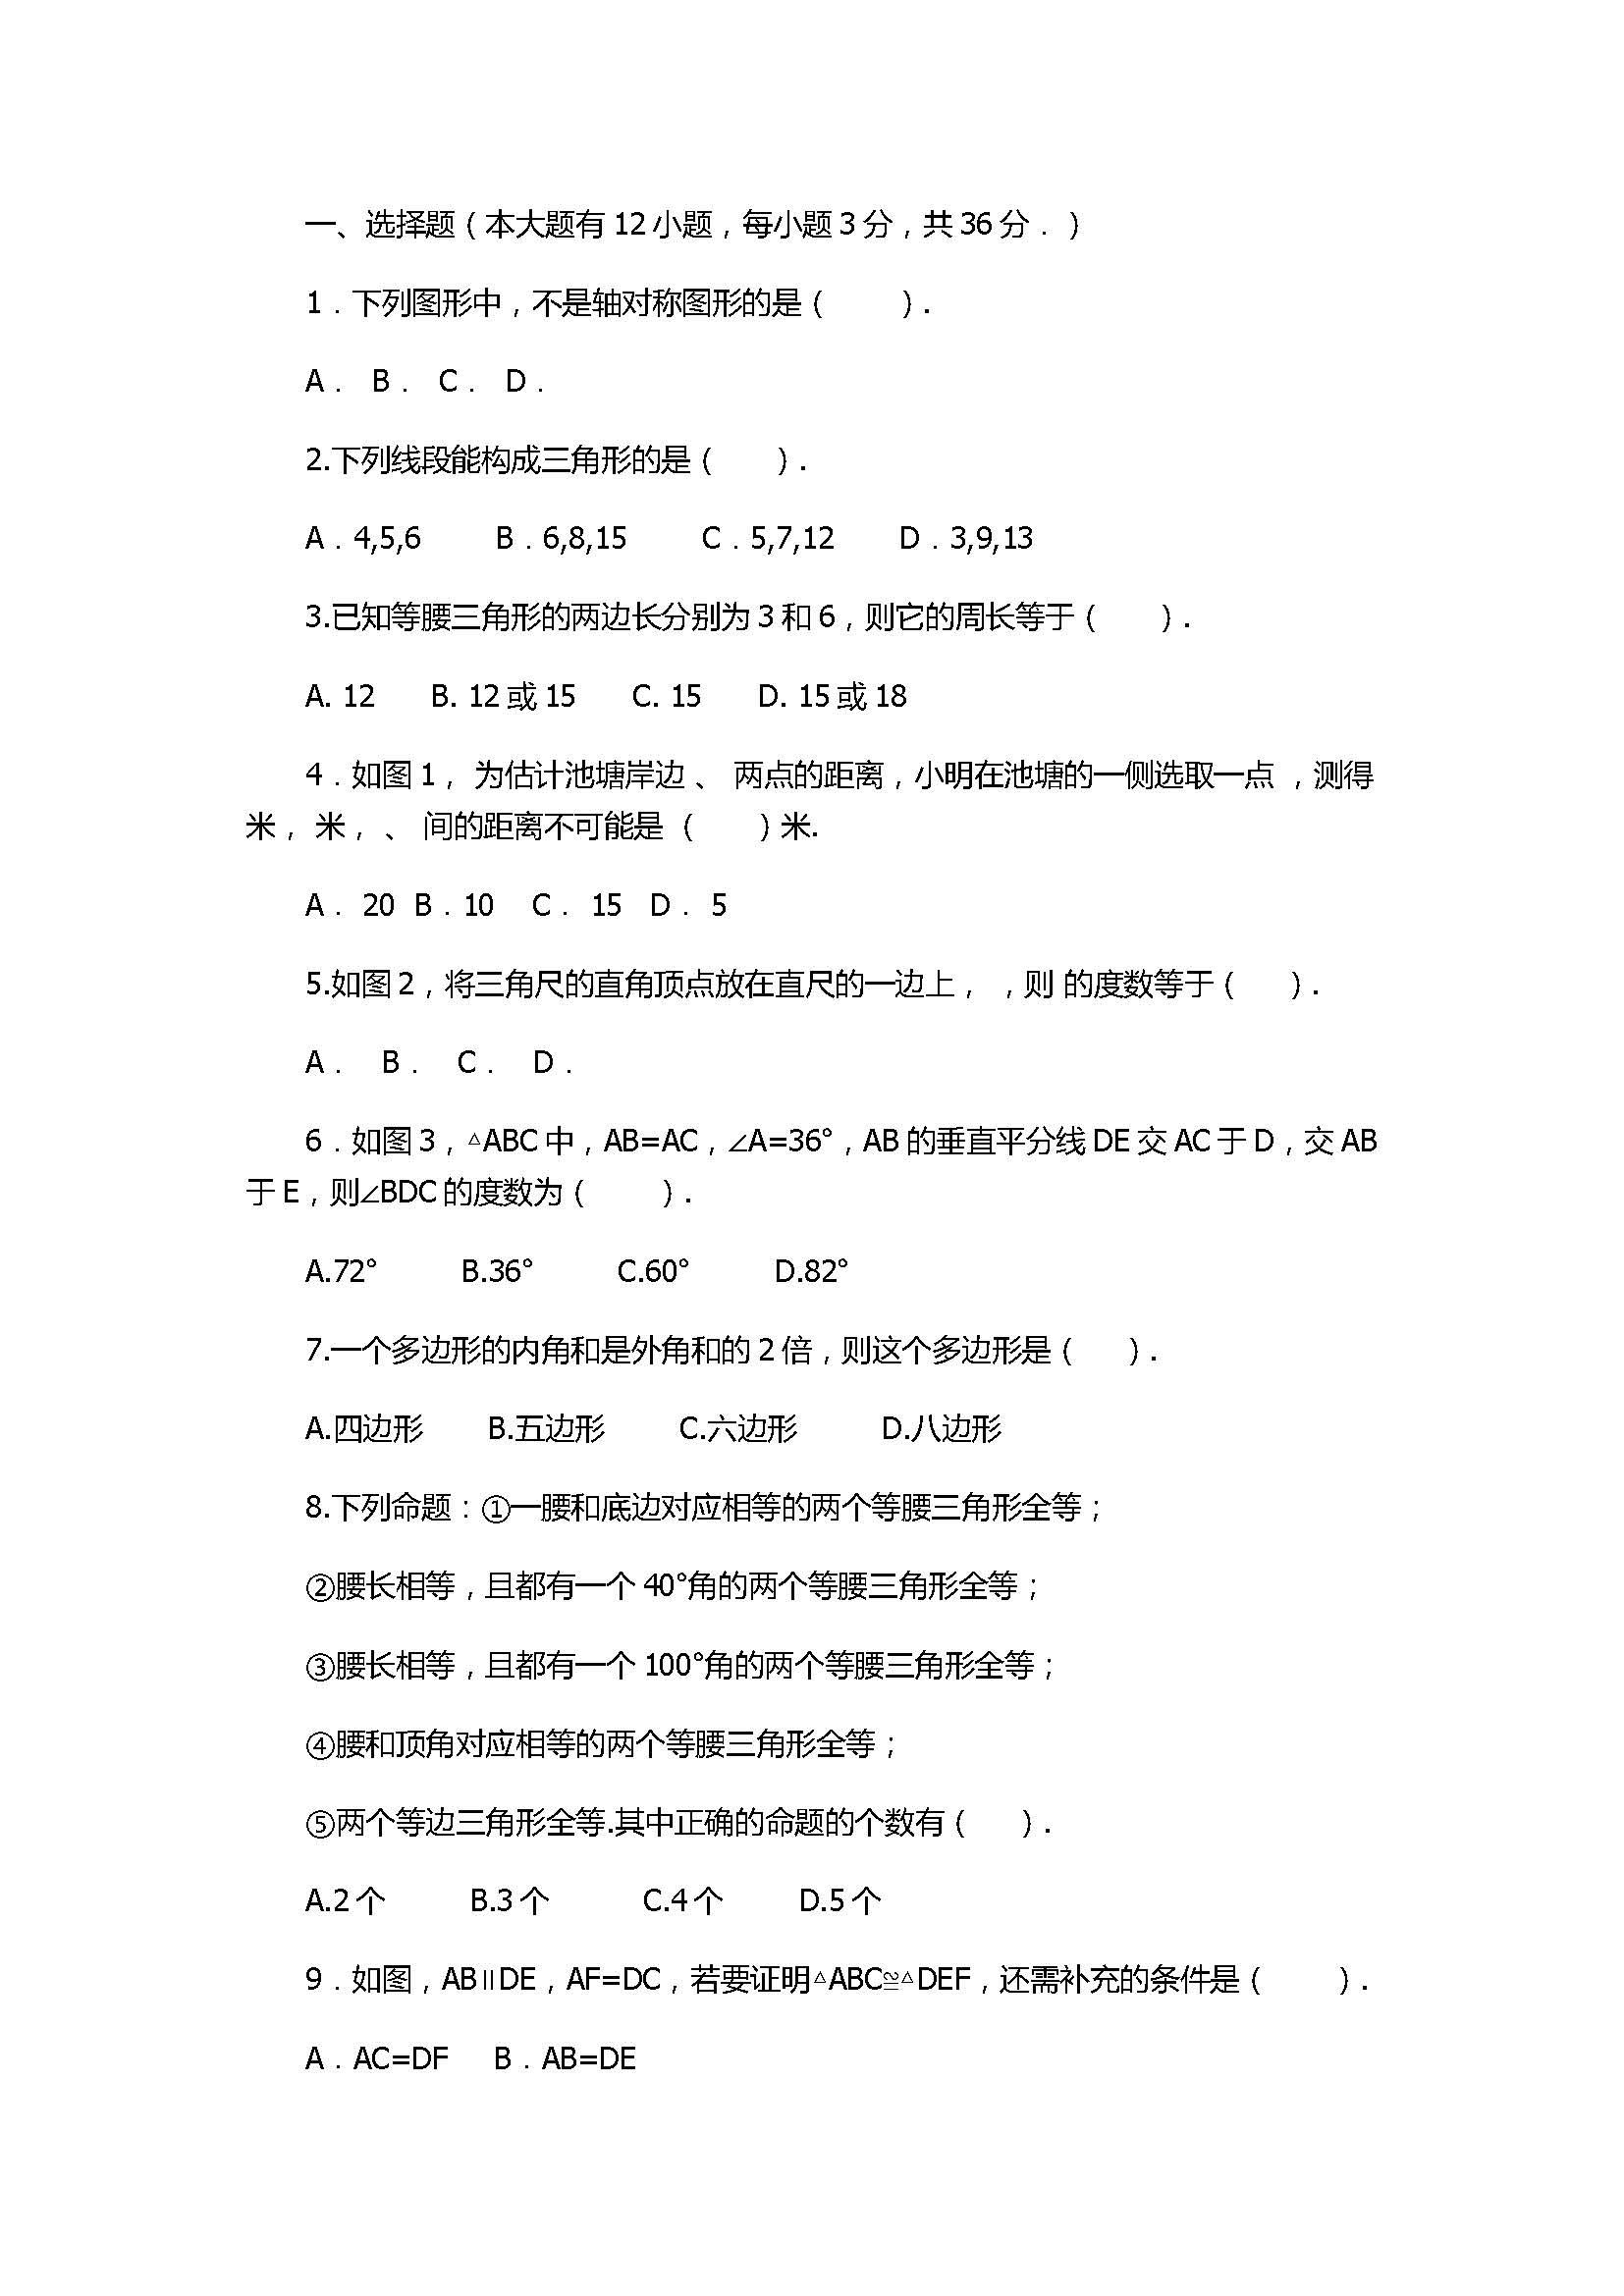 2017八年级数学上册第1次月考测试卷附参考答案(山东省)